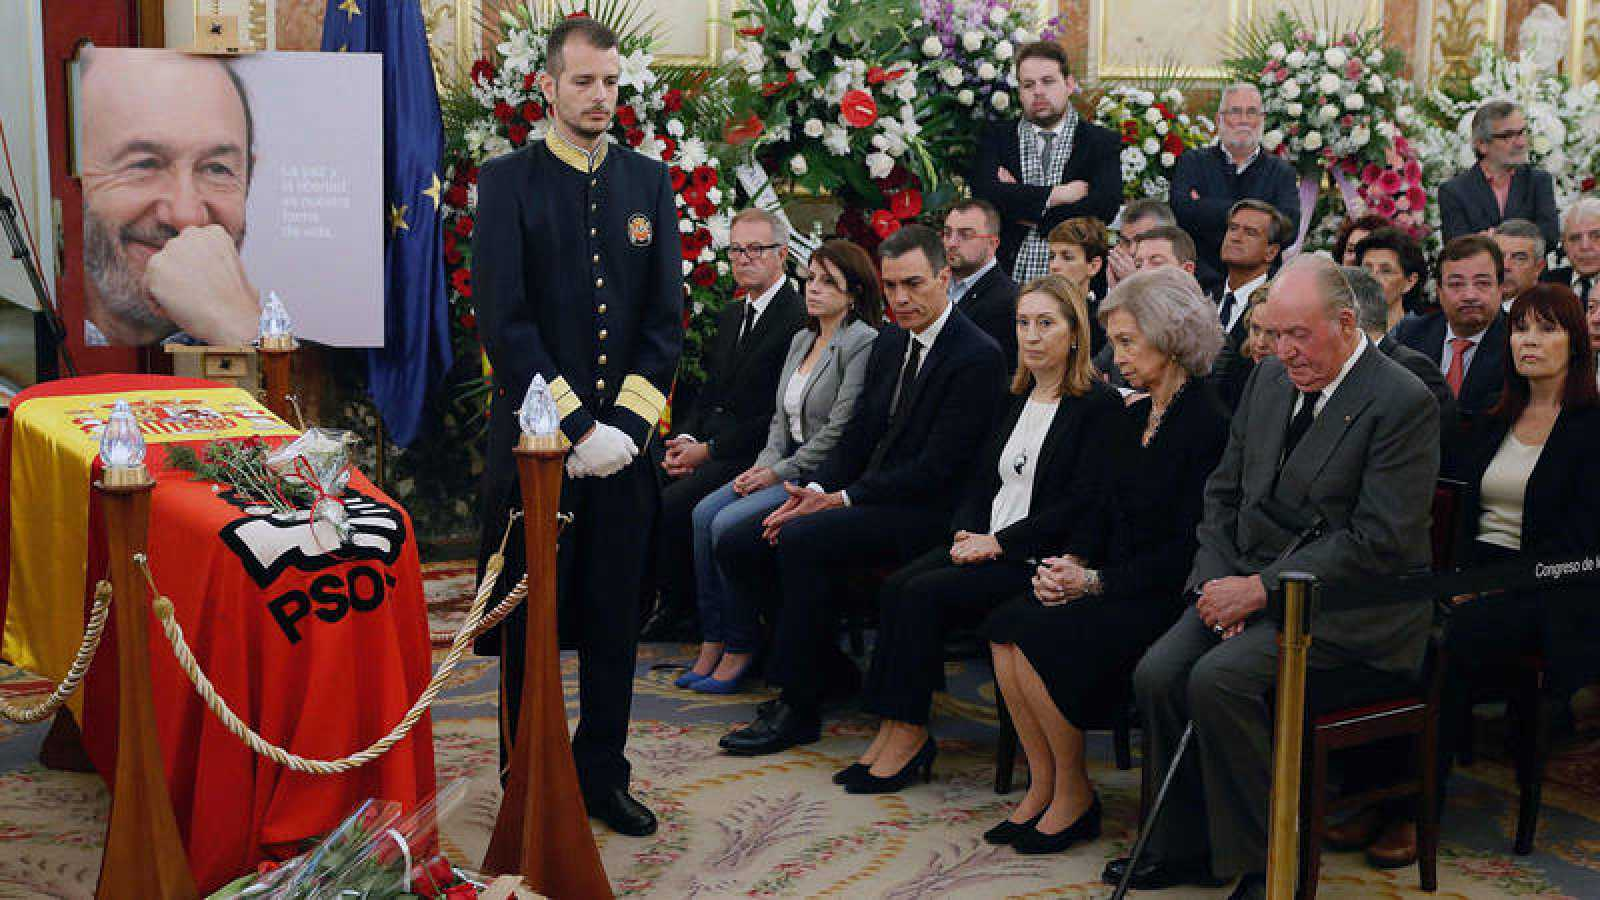 El presidente del Gobierno en funciones, Pedro Sánchez, junto a los reyes eméritos y otras autoridades en el velatorio de Alfredo Pérez Rubalcaba.